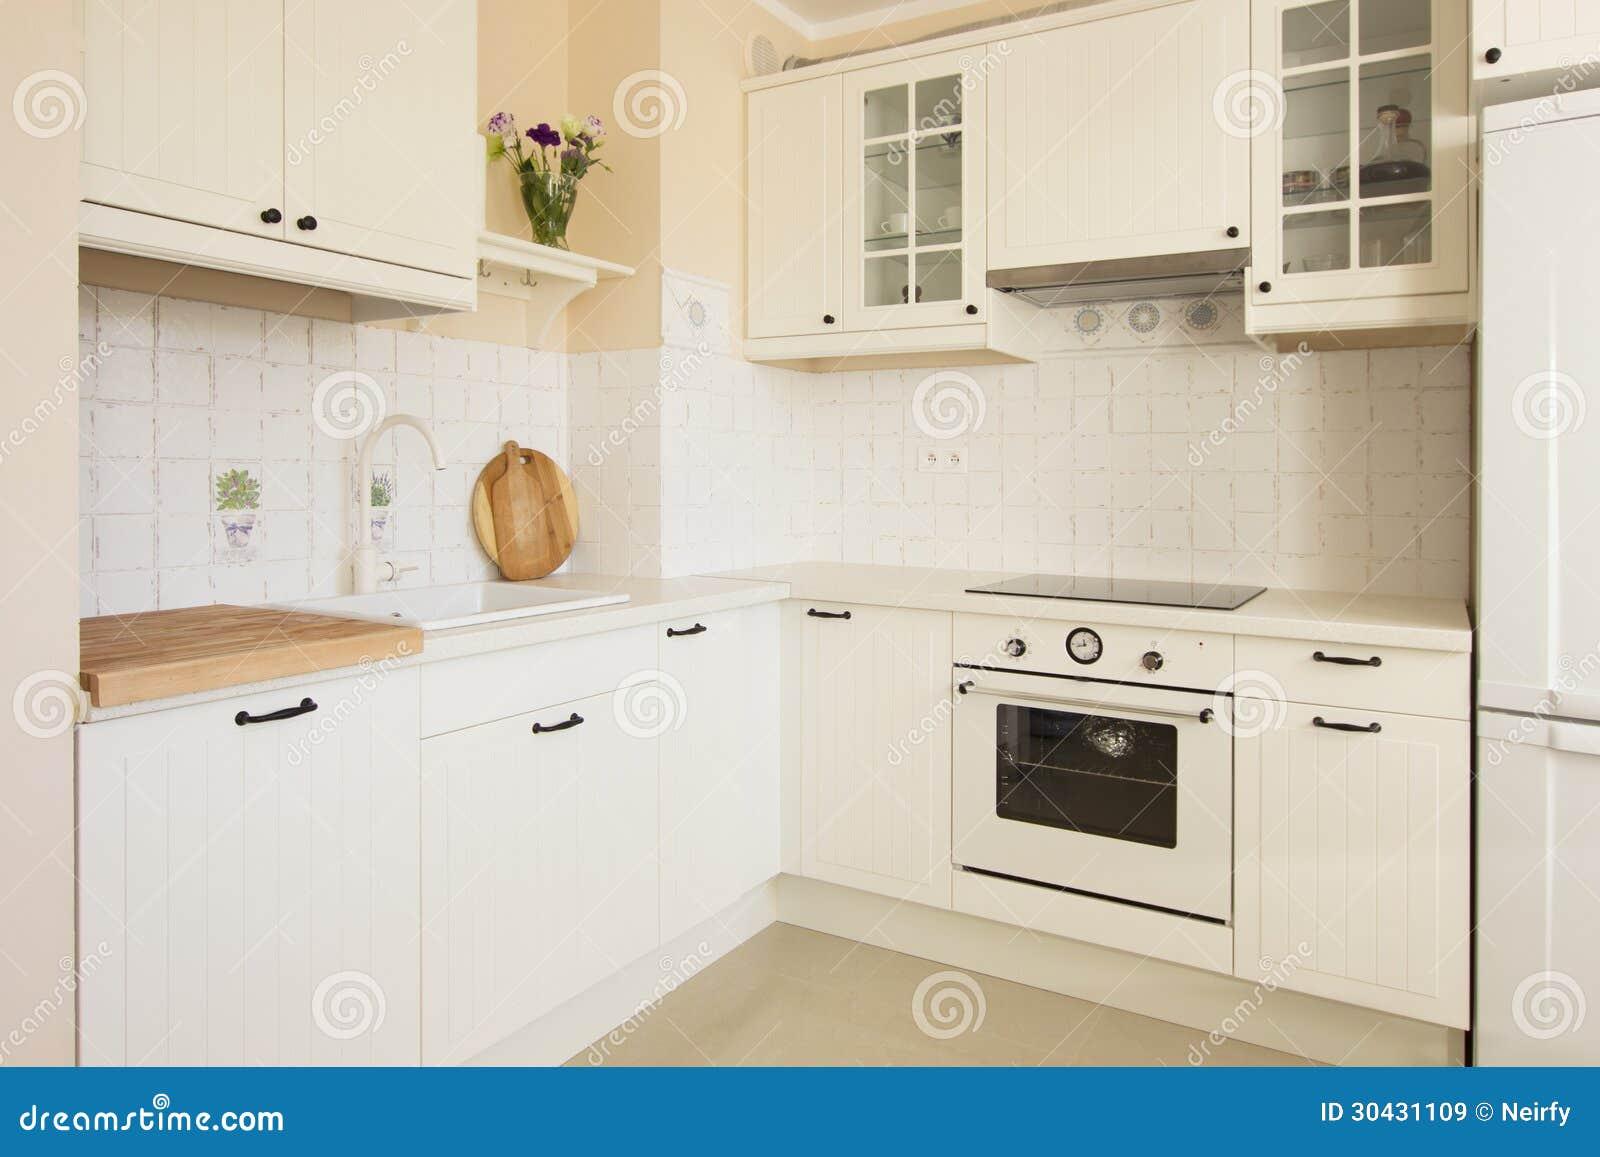 Rustikale Küche stockbild. Bild von architektur, auslegung - 30431109